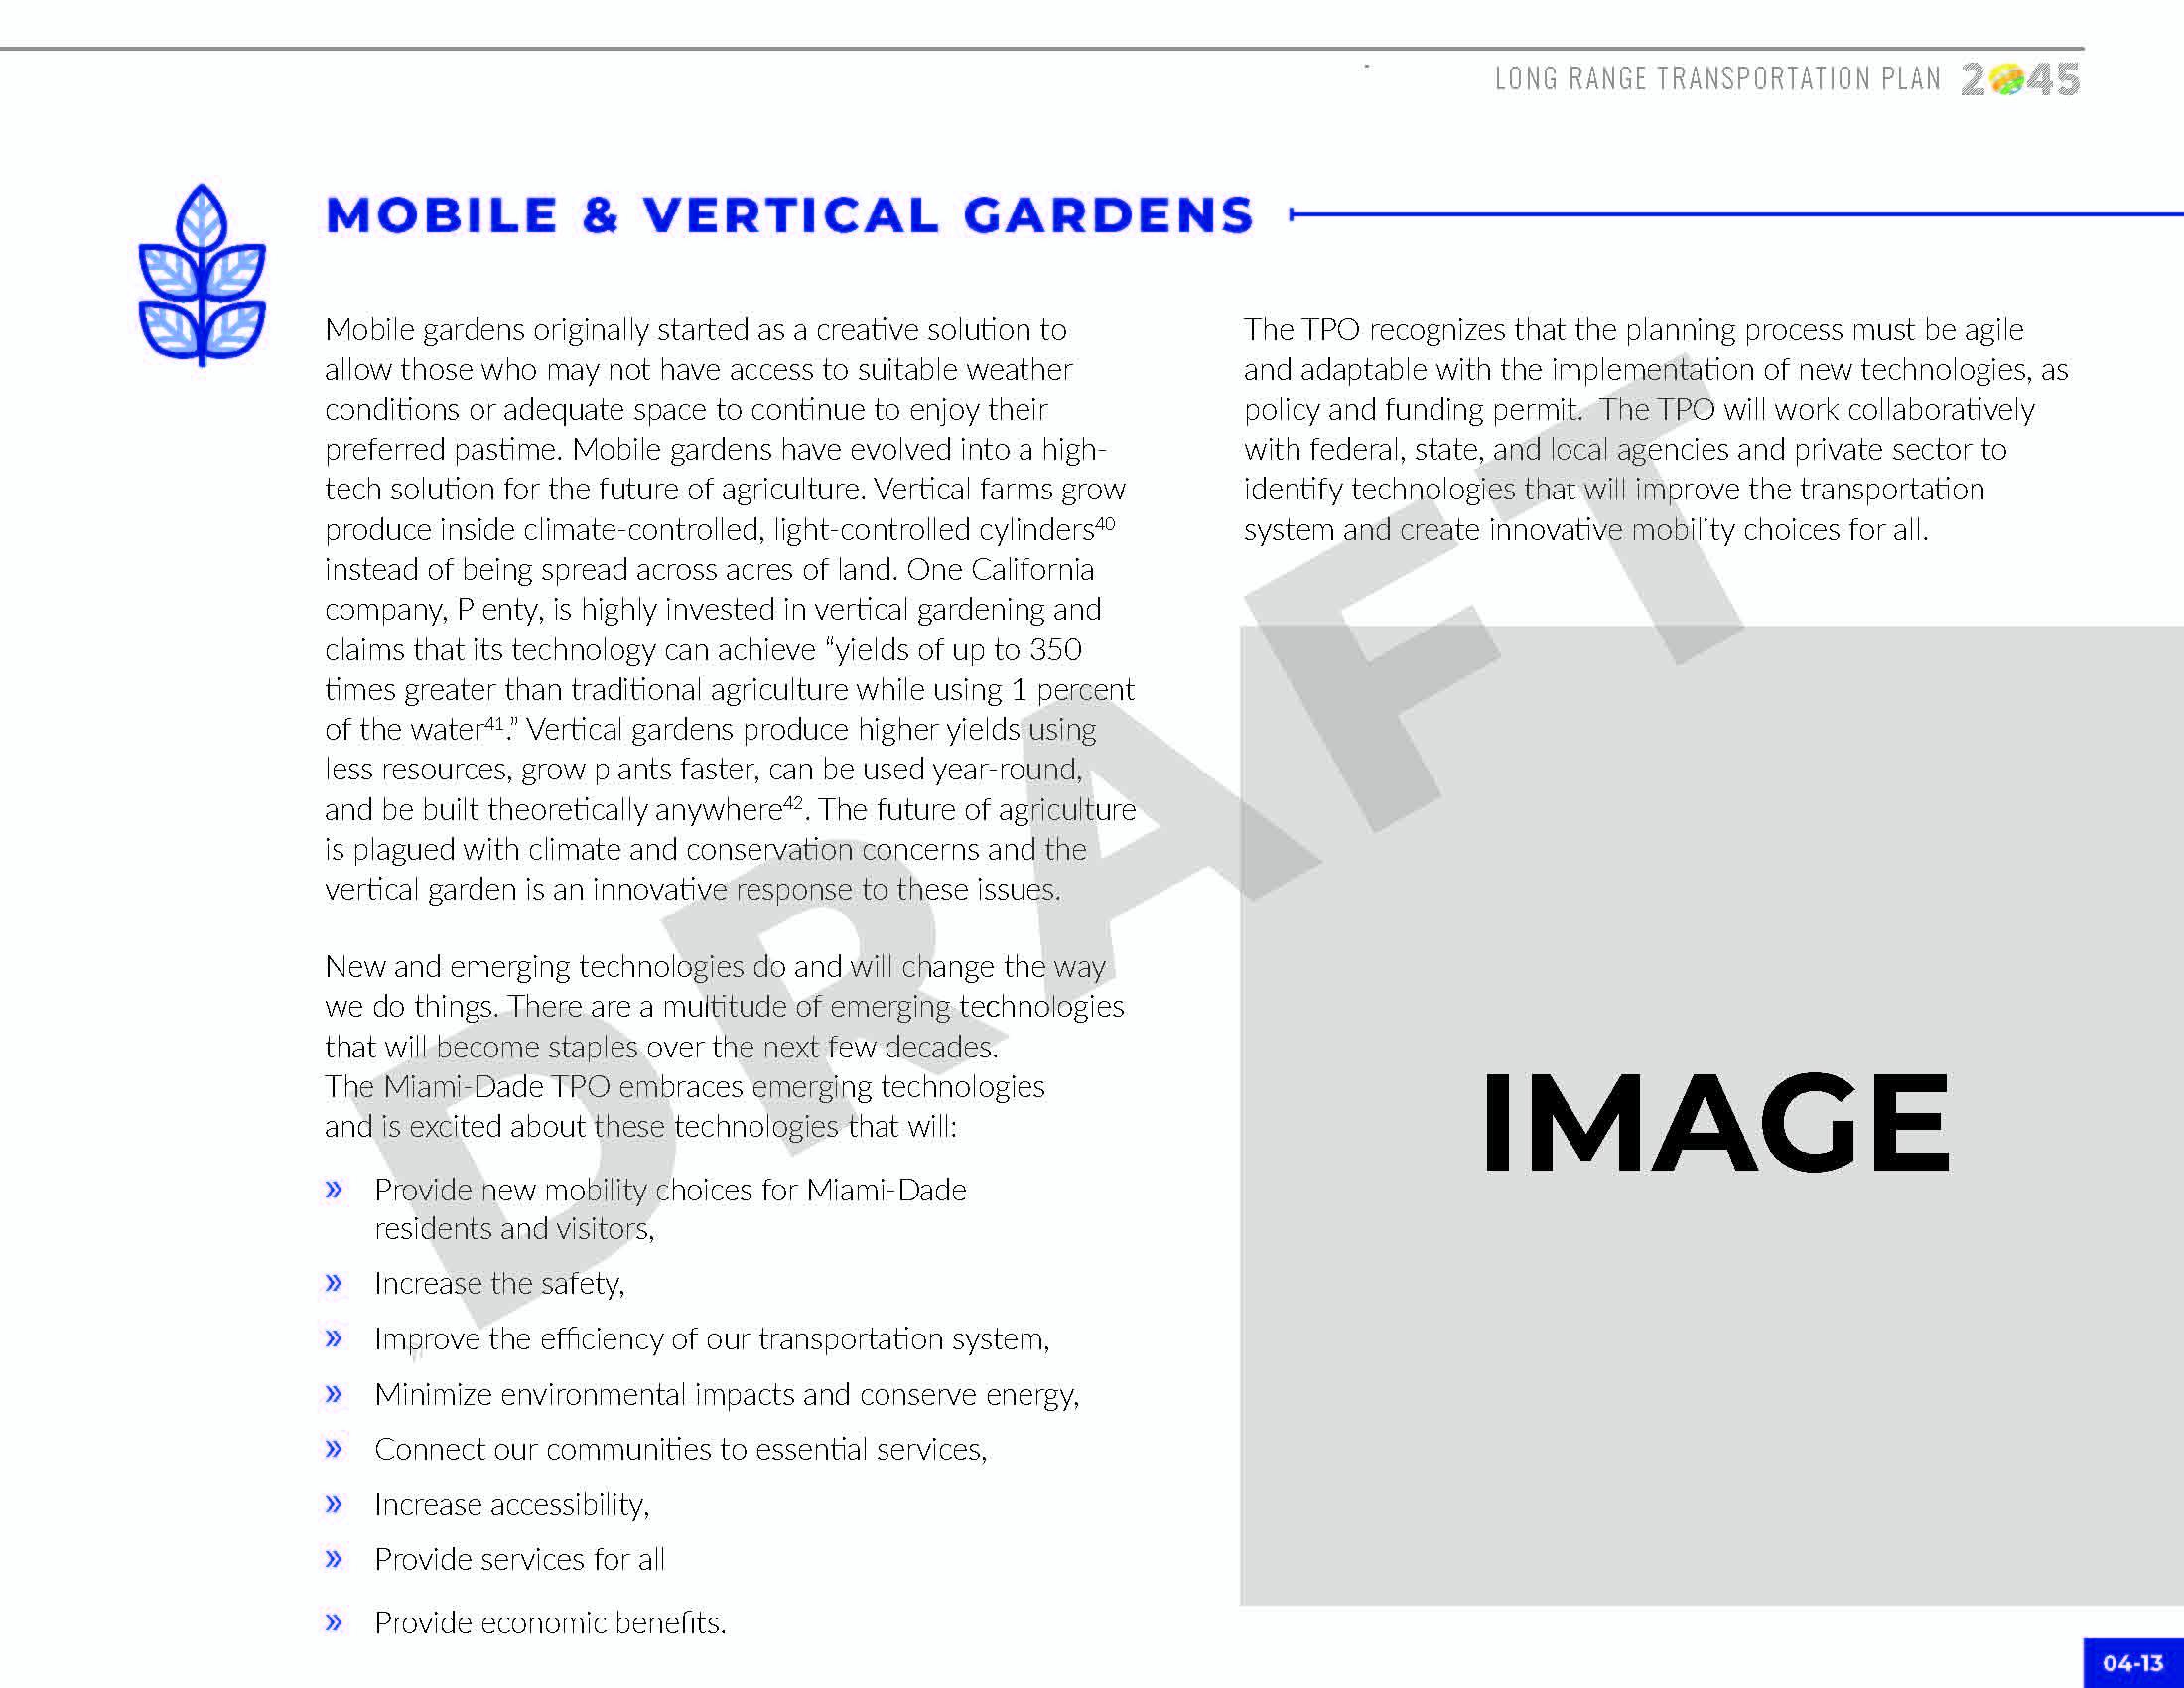 LRTP_072319_Page_089.jpg